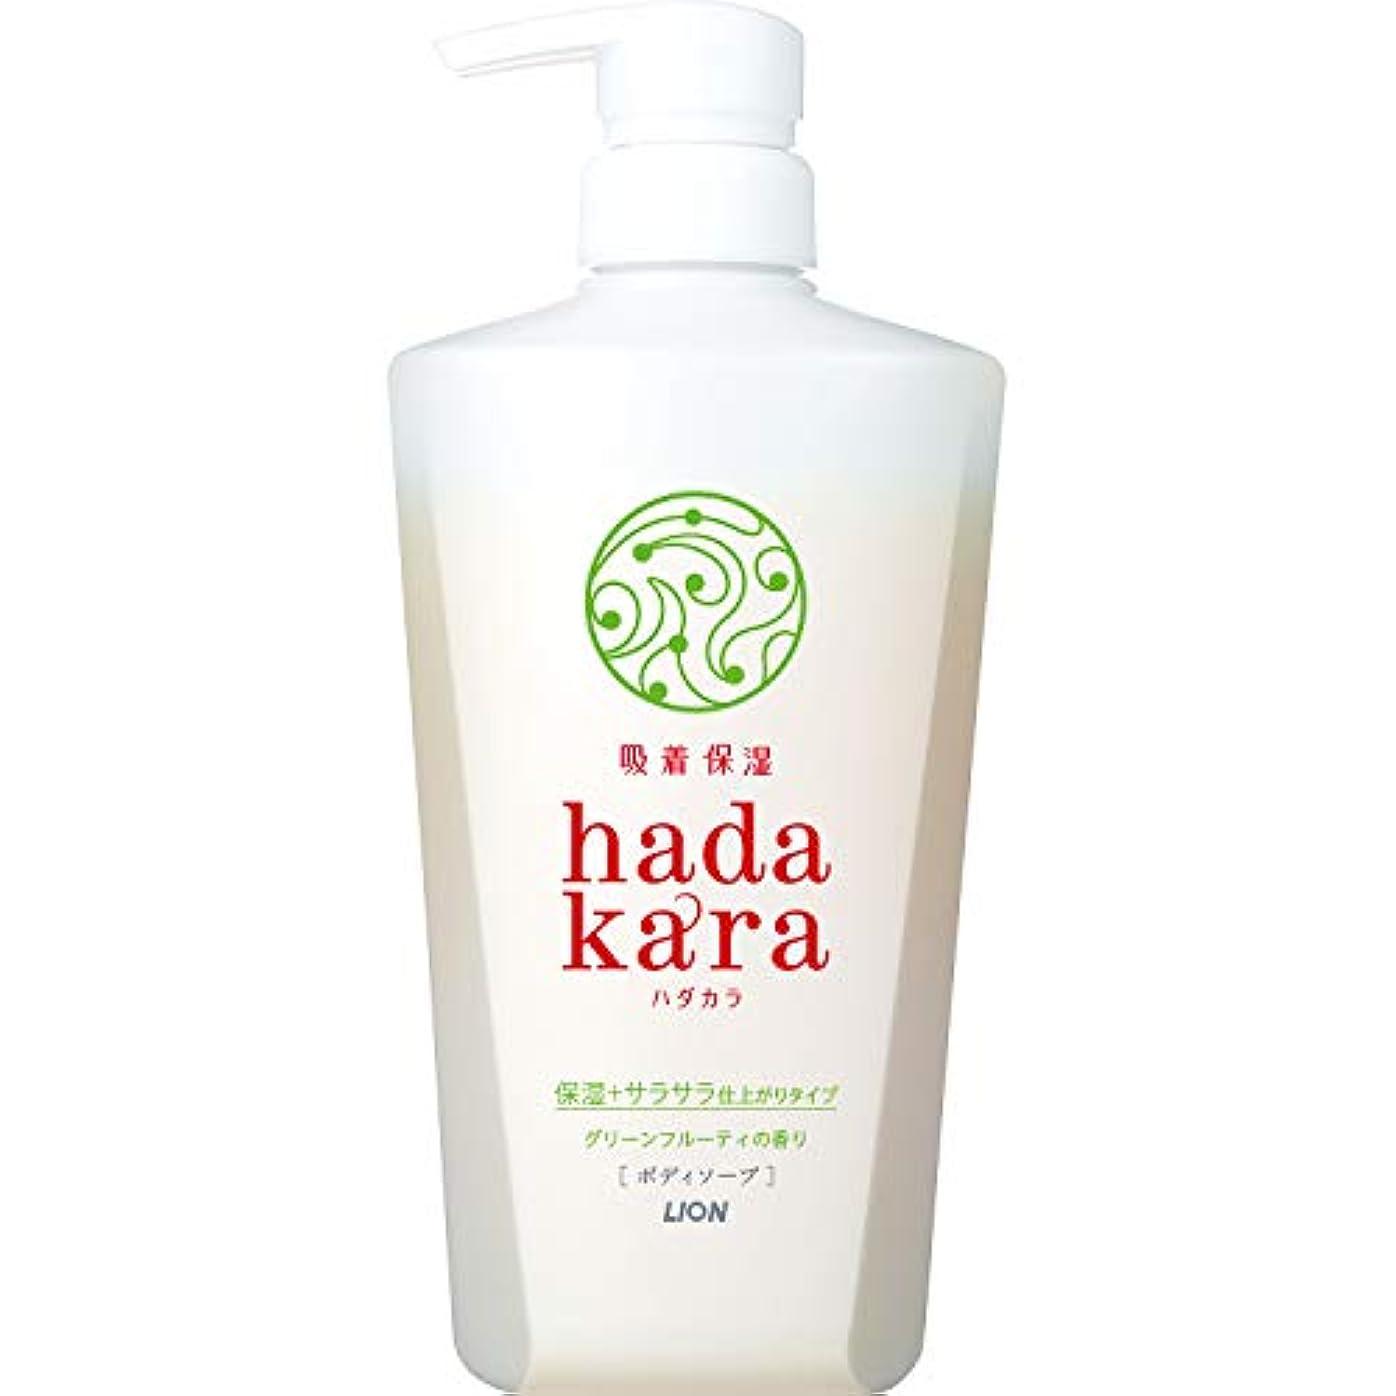 考えシガレット理論的hadakara(ハダカラ) ボディソープ 保湿+サラサラ仕上がりタイプ グリーンフルーティの香り 本体 480ml